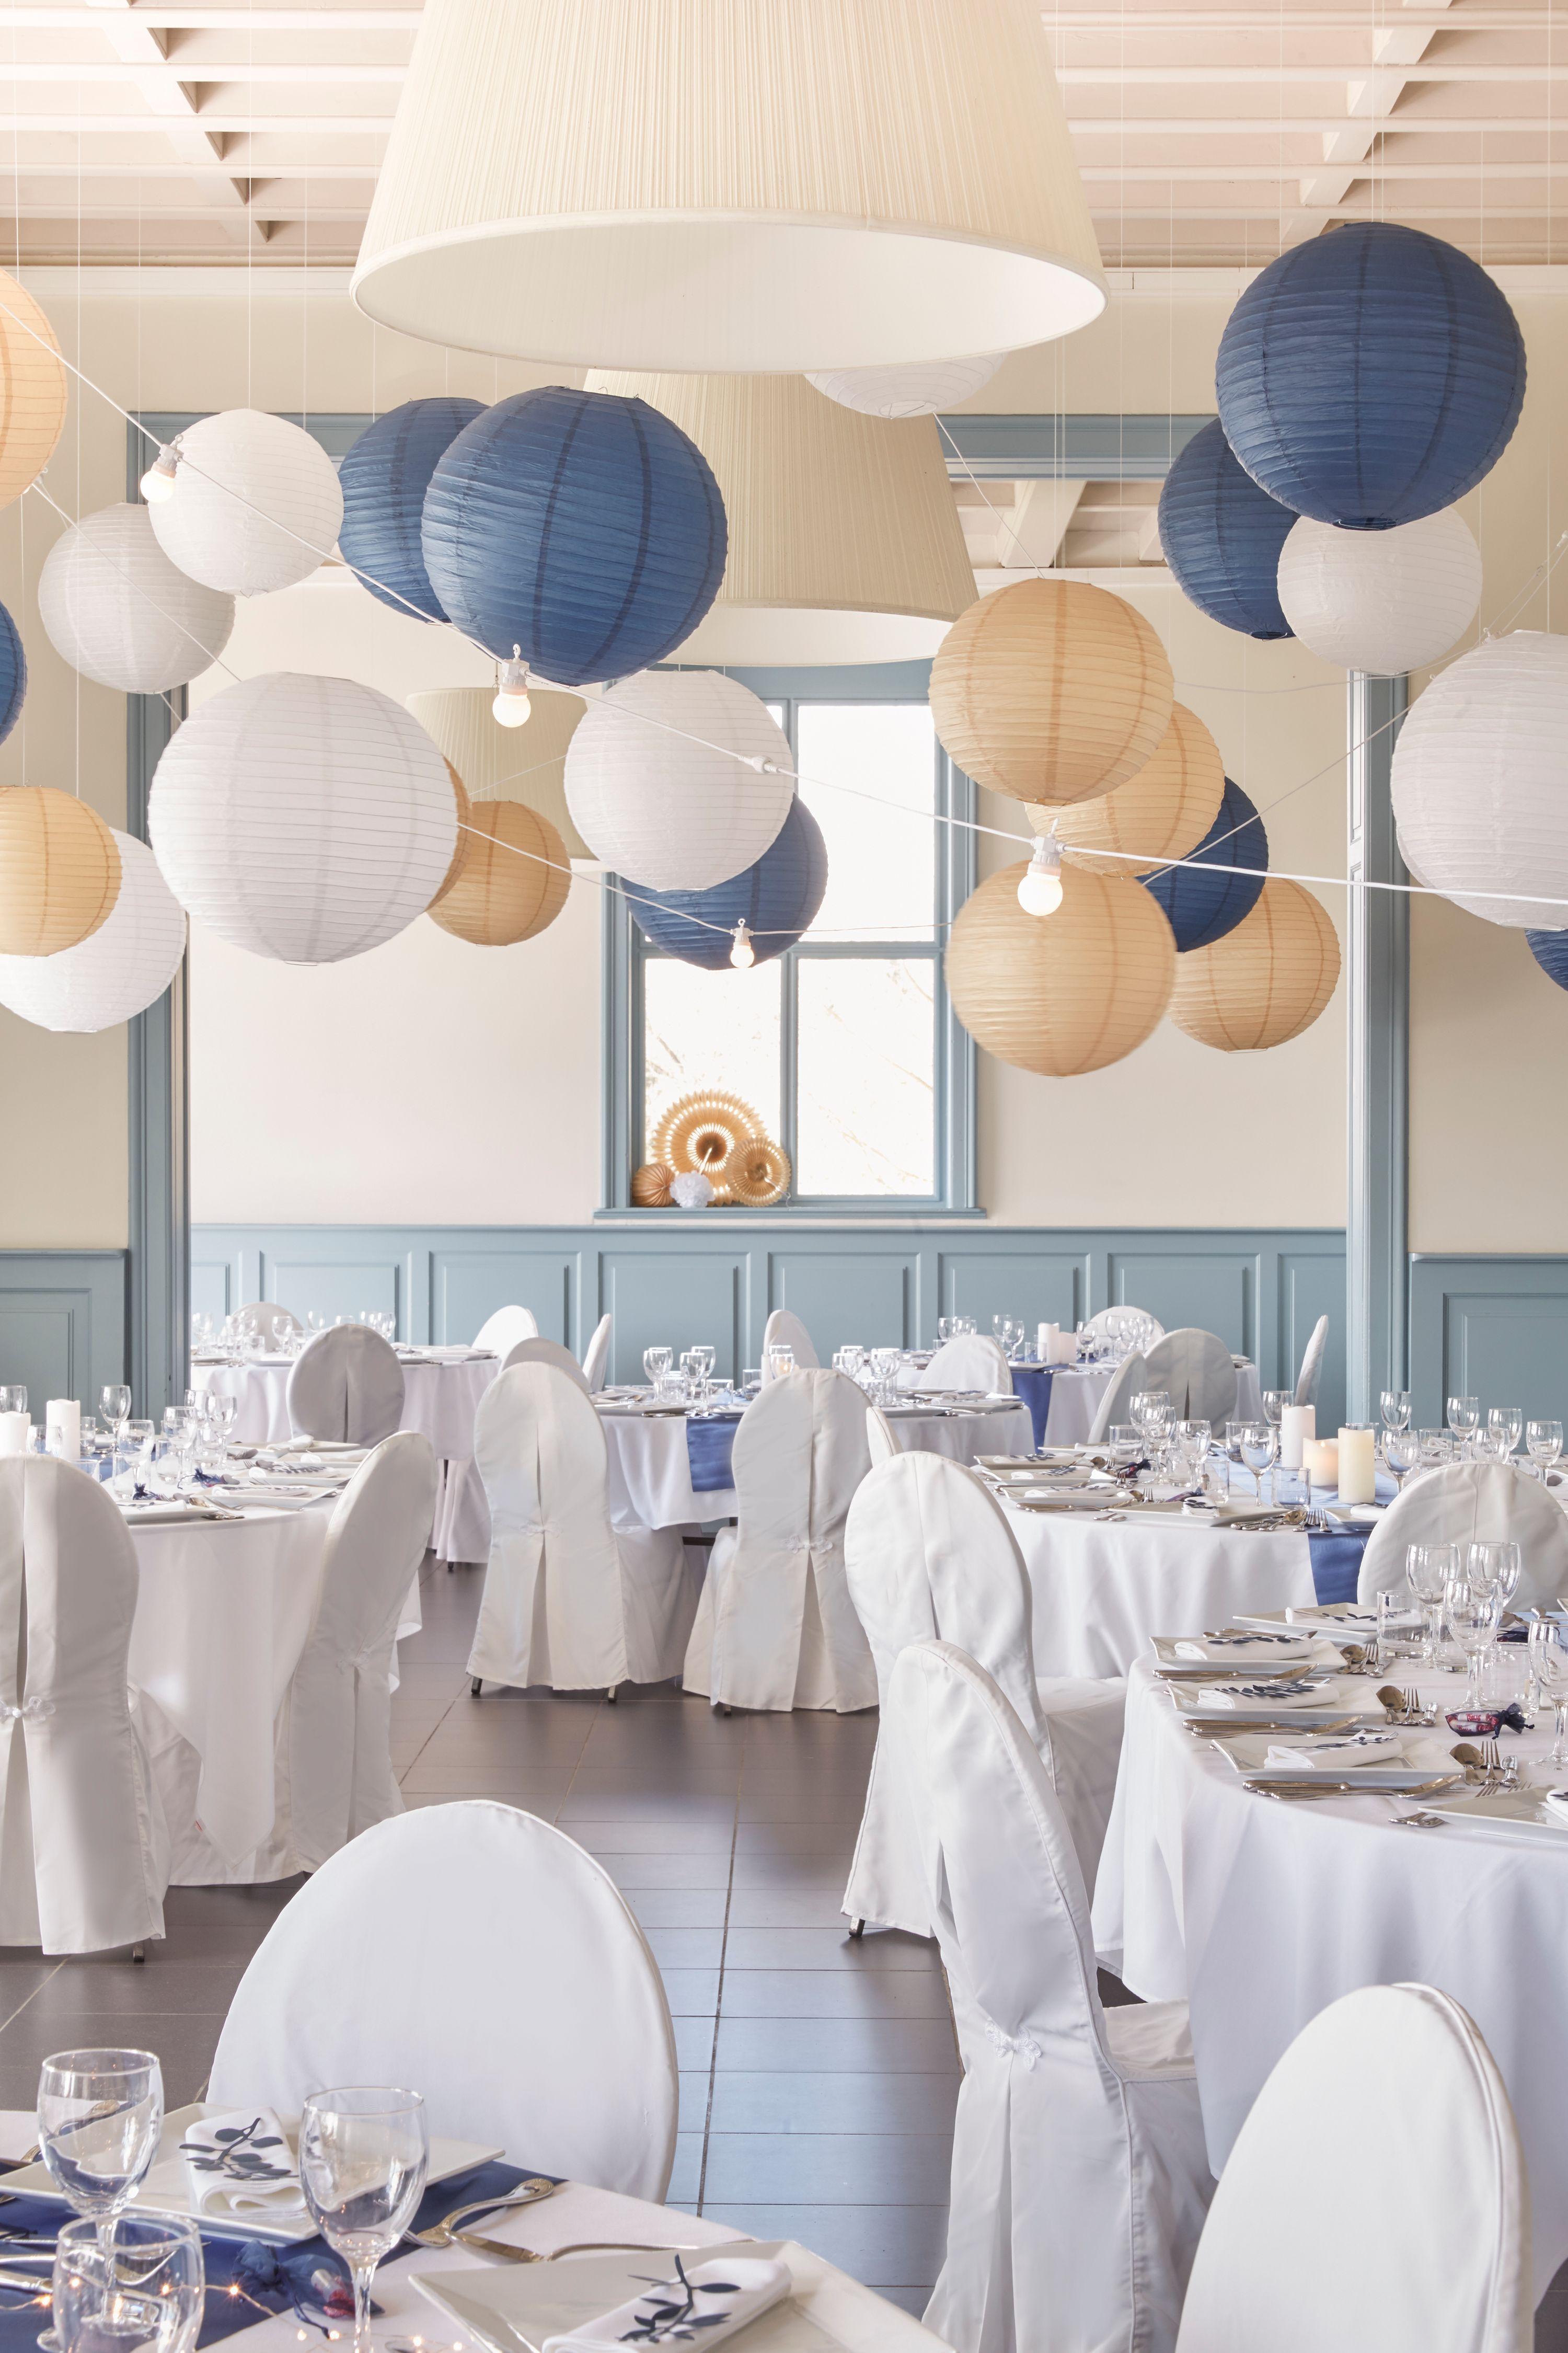 d corer le plafond salle mariage d coration de mariage chic avec lampions boules papier bleu. Black Bedroom Furniture Sets. Home Design Ideas